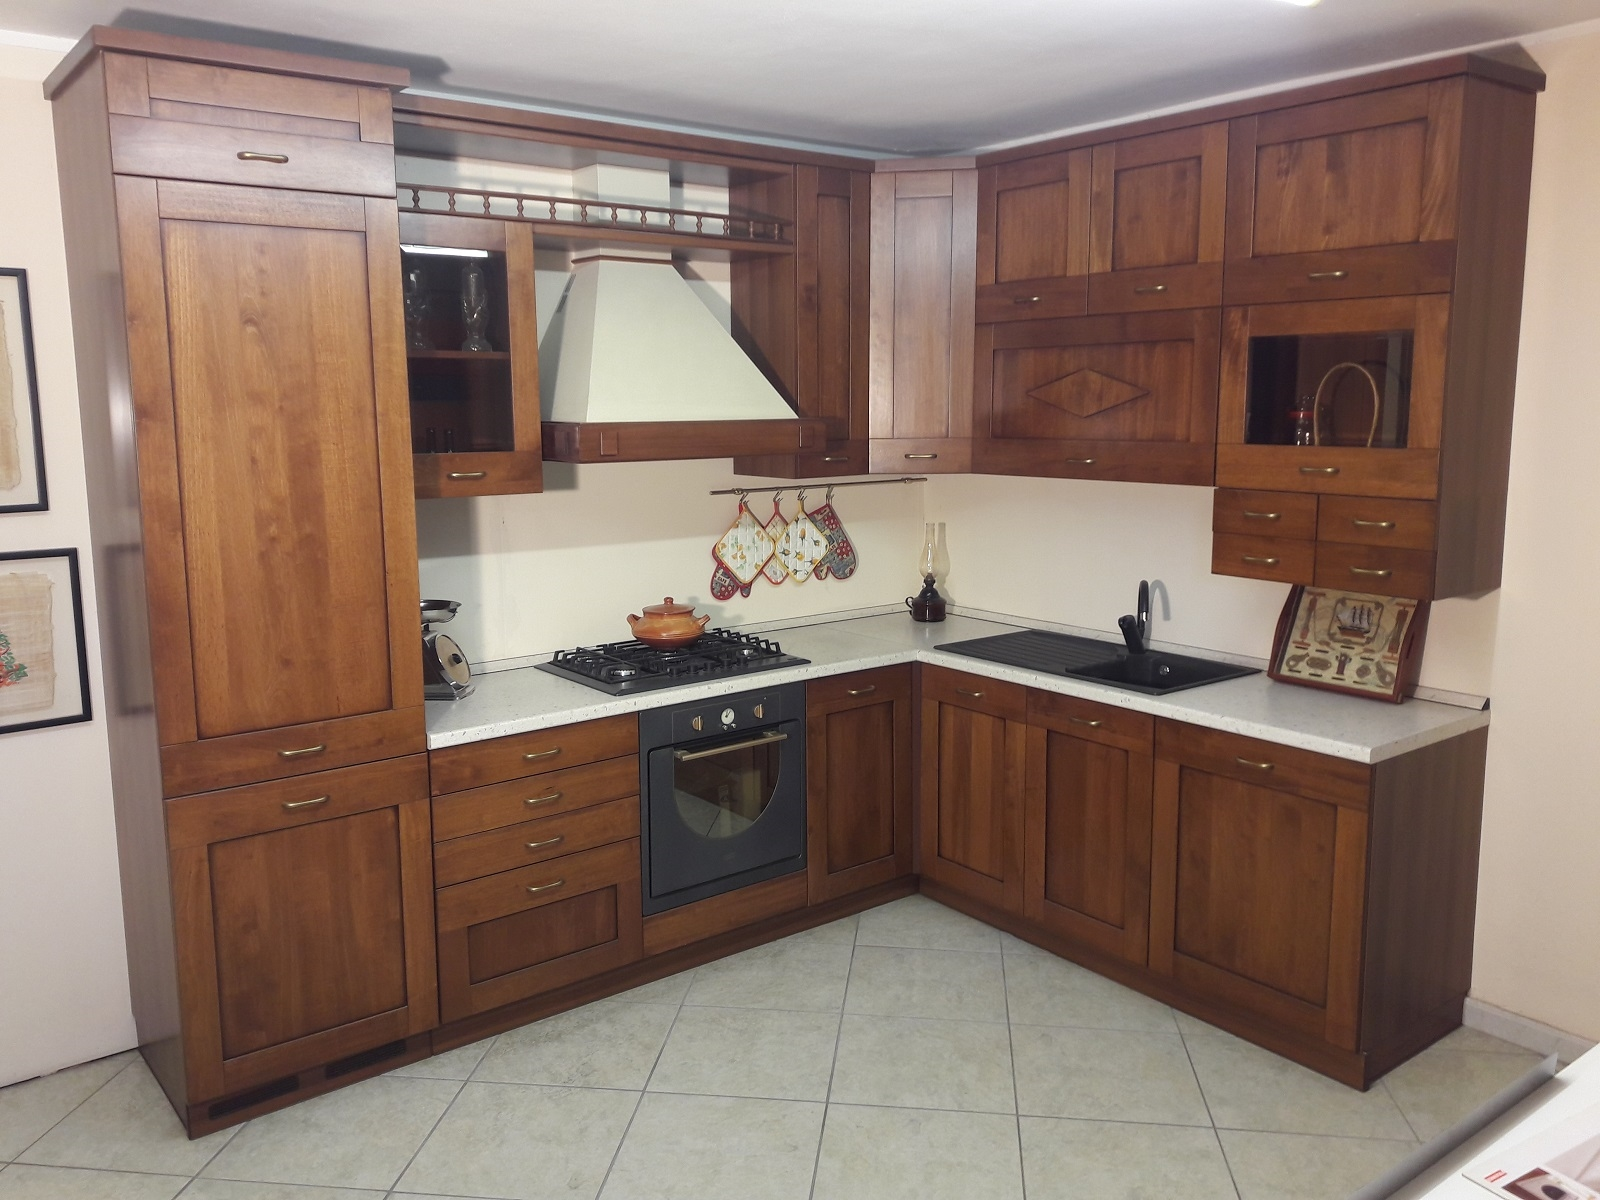 Cucina angolare in legno tinto noce completa di elettrodomestici in offerta cucine a prezzi - Cucina arte povera ...